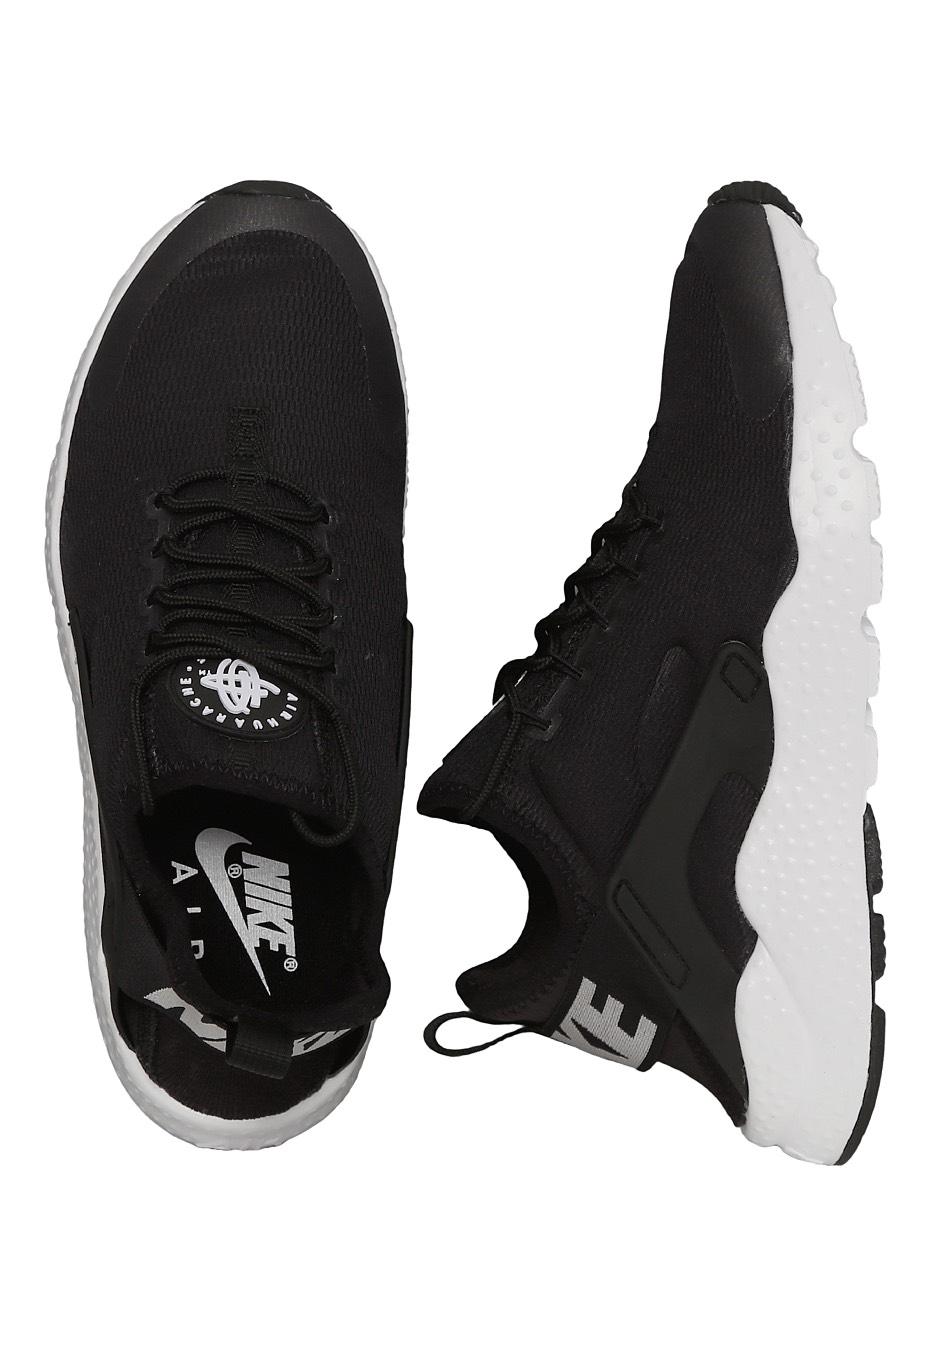 84c3dd8ff83d1 Nike - Air Huarache Run Ultra Black White - Girl Shoes - Impericon.com US